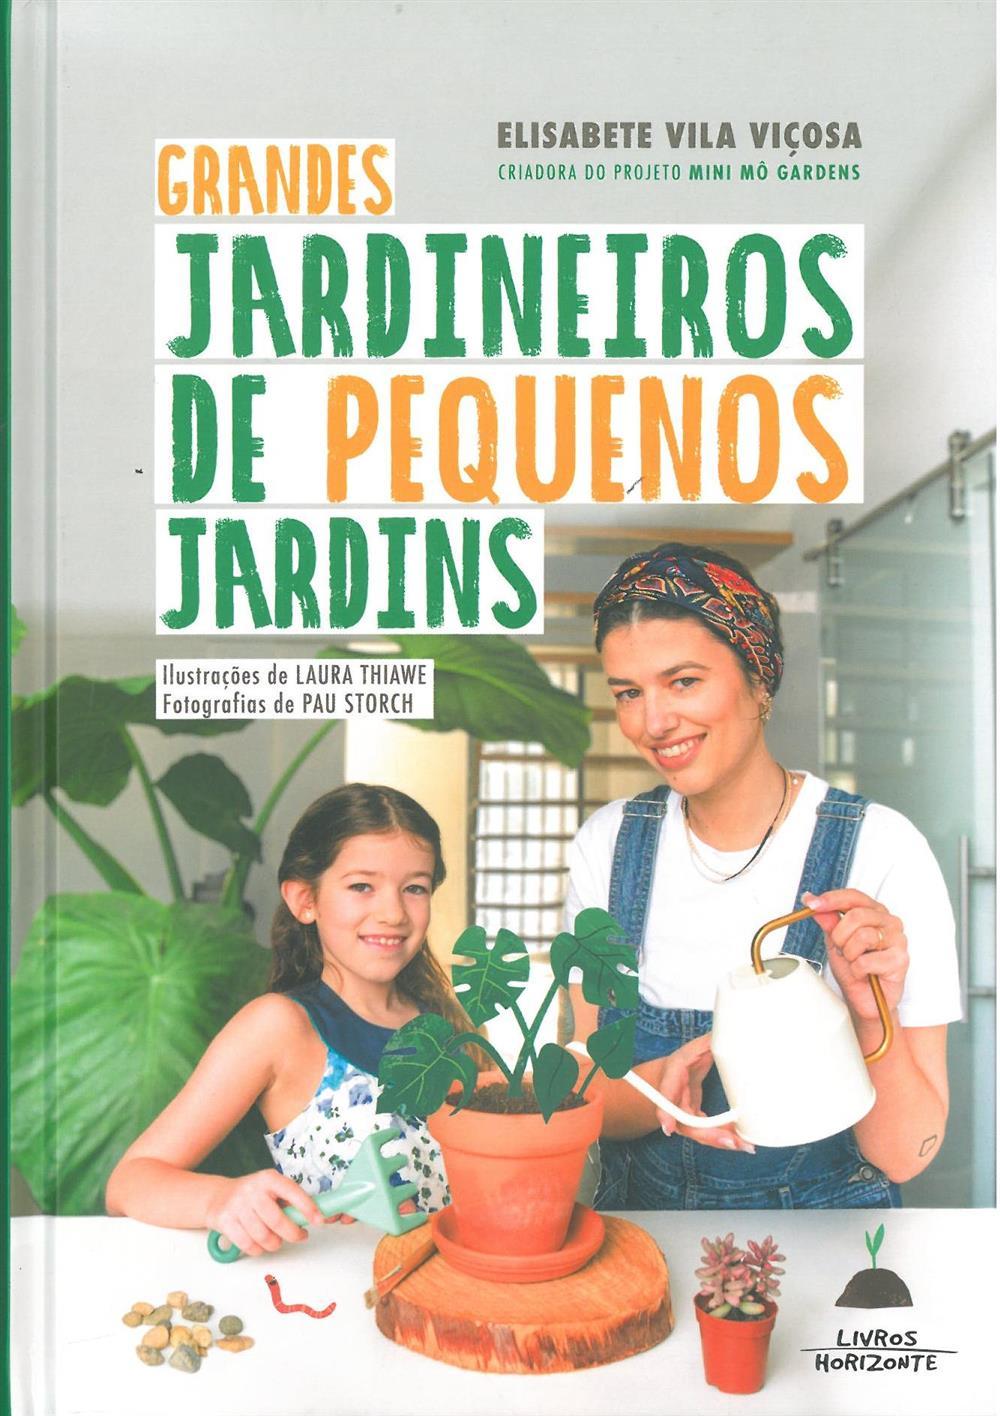 VIÇOSA, Elisabete Vila (2021). Grandes jardineiros de pequenos jardins.jpg